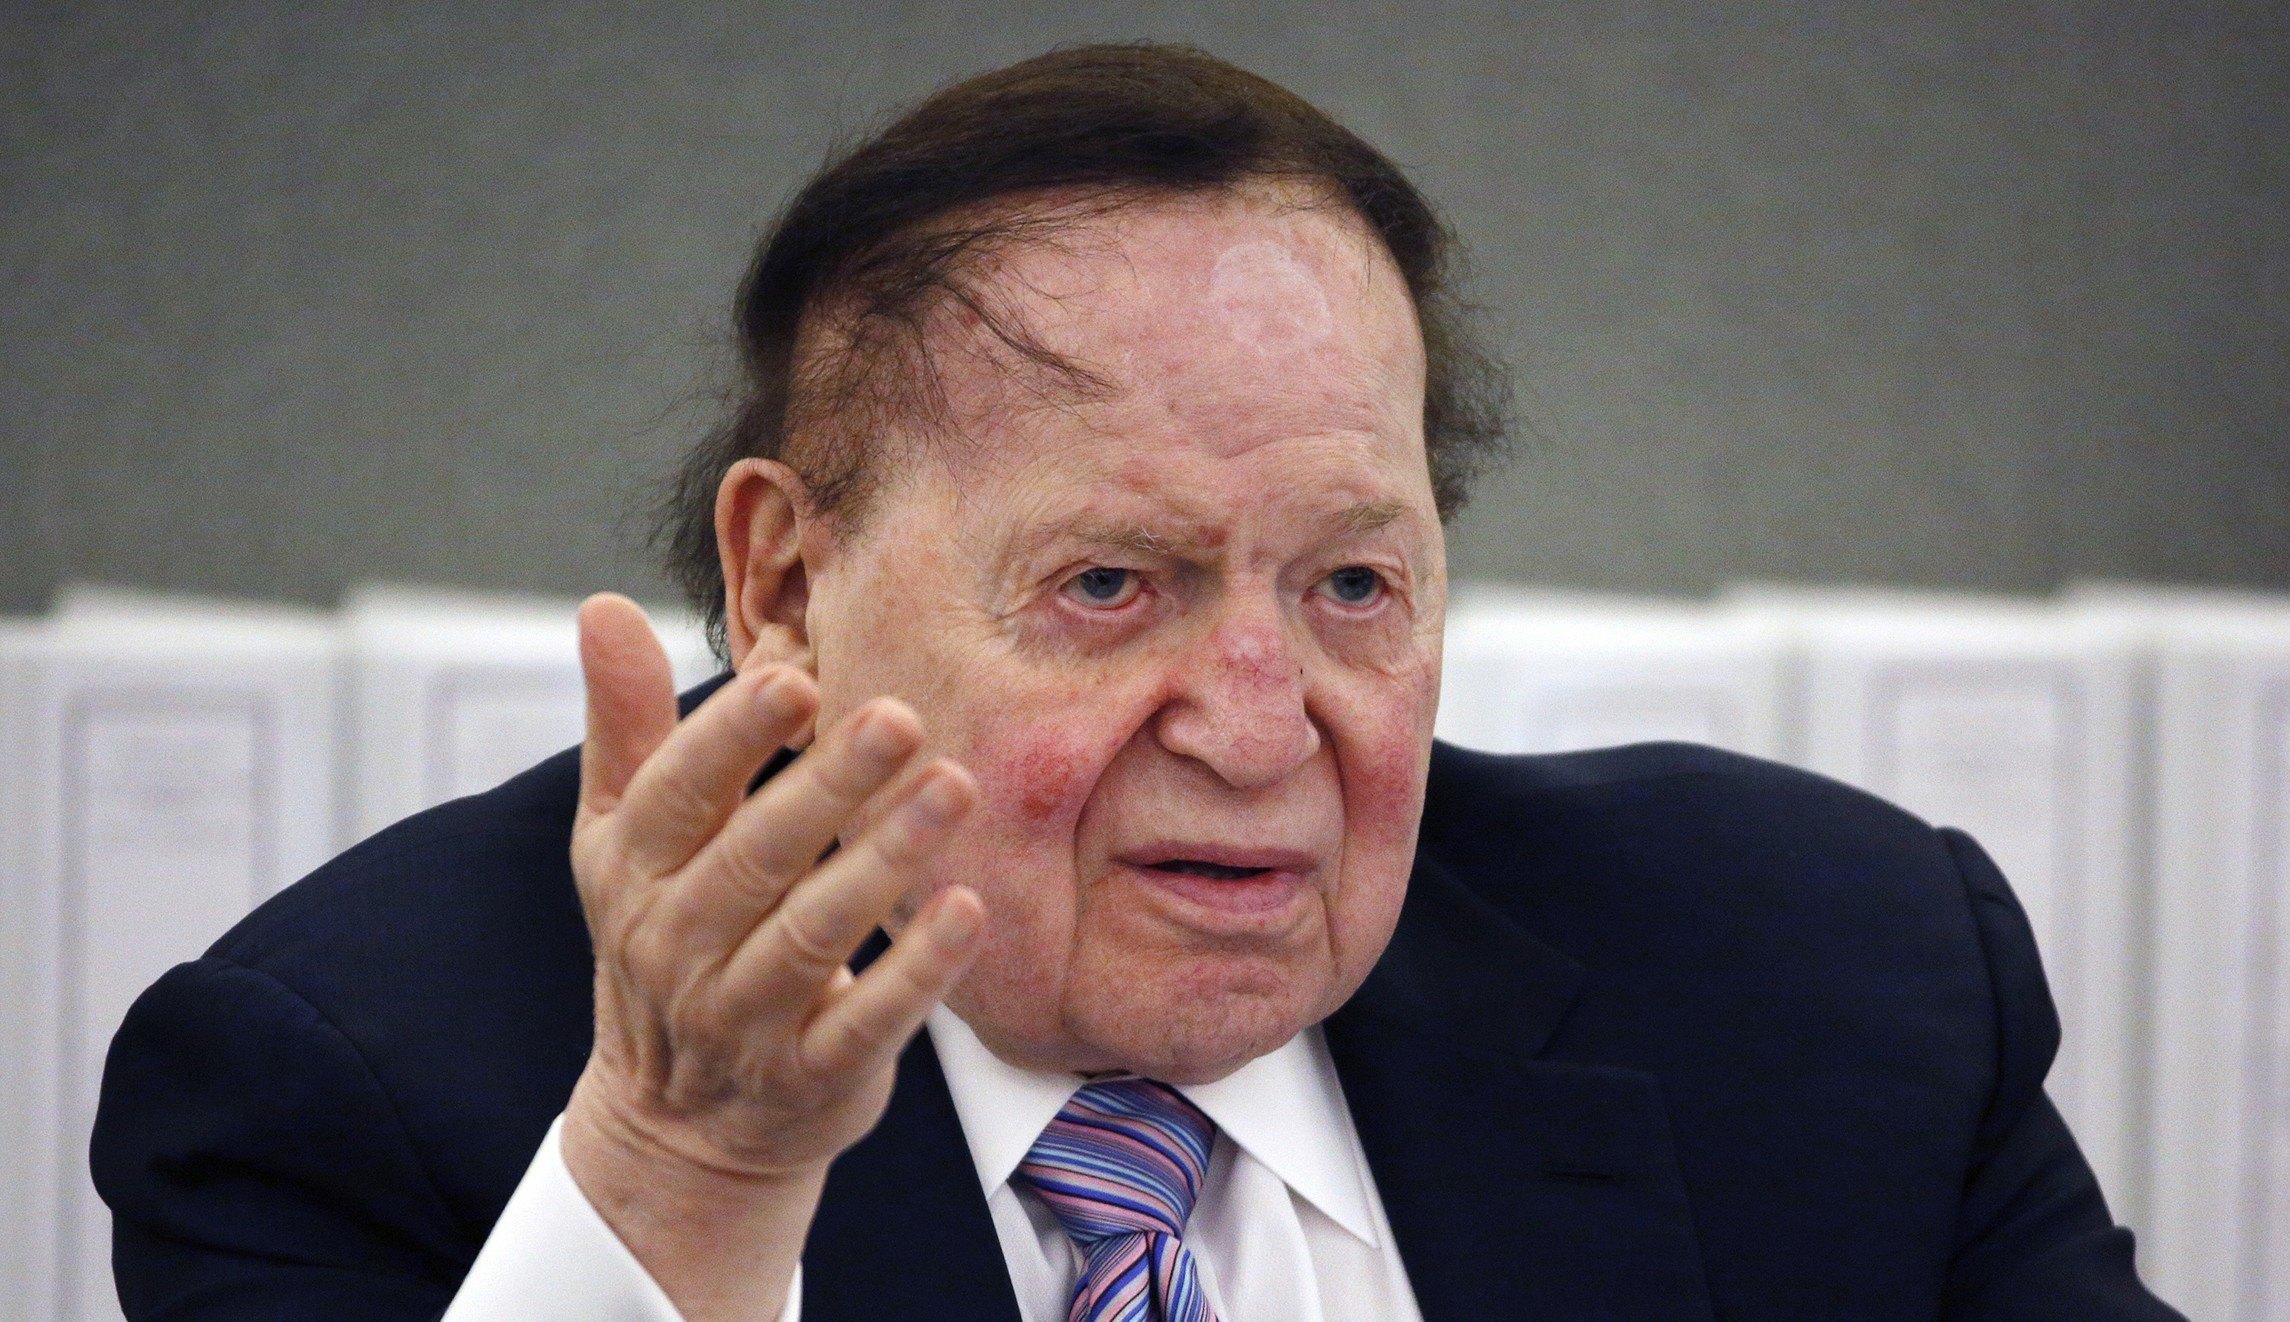 Casino mogul Sheldon Adelson undergoes cancer treatment